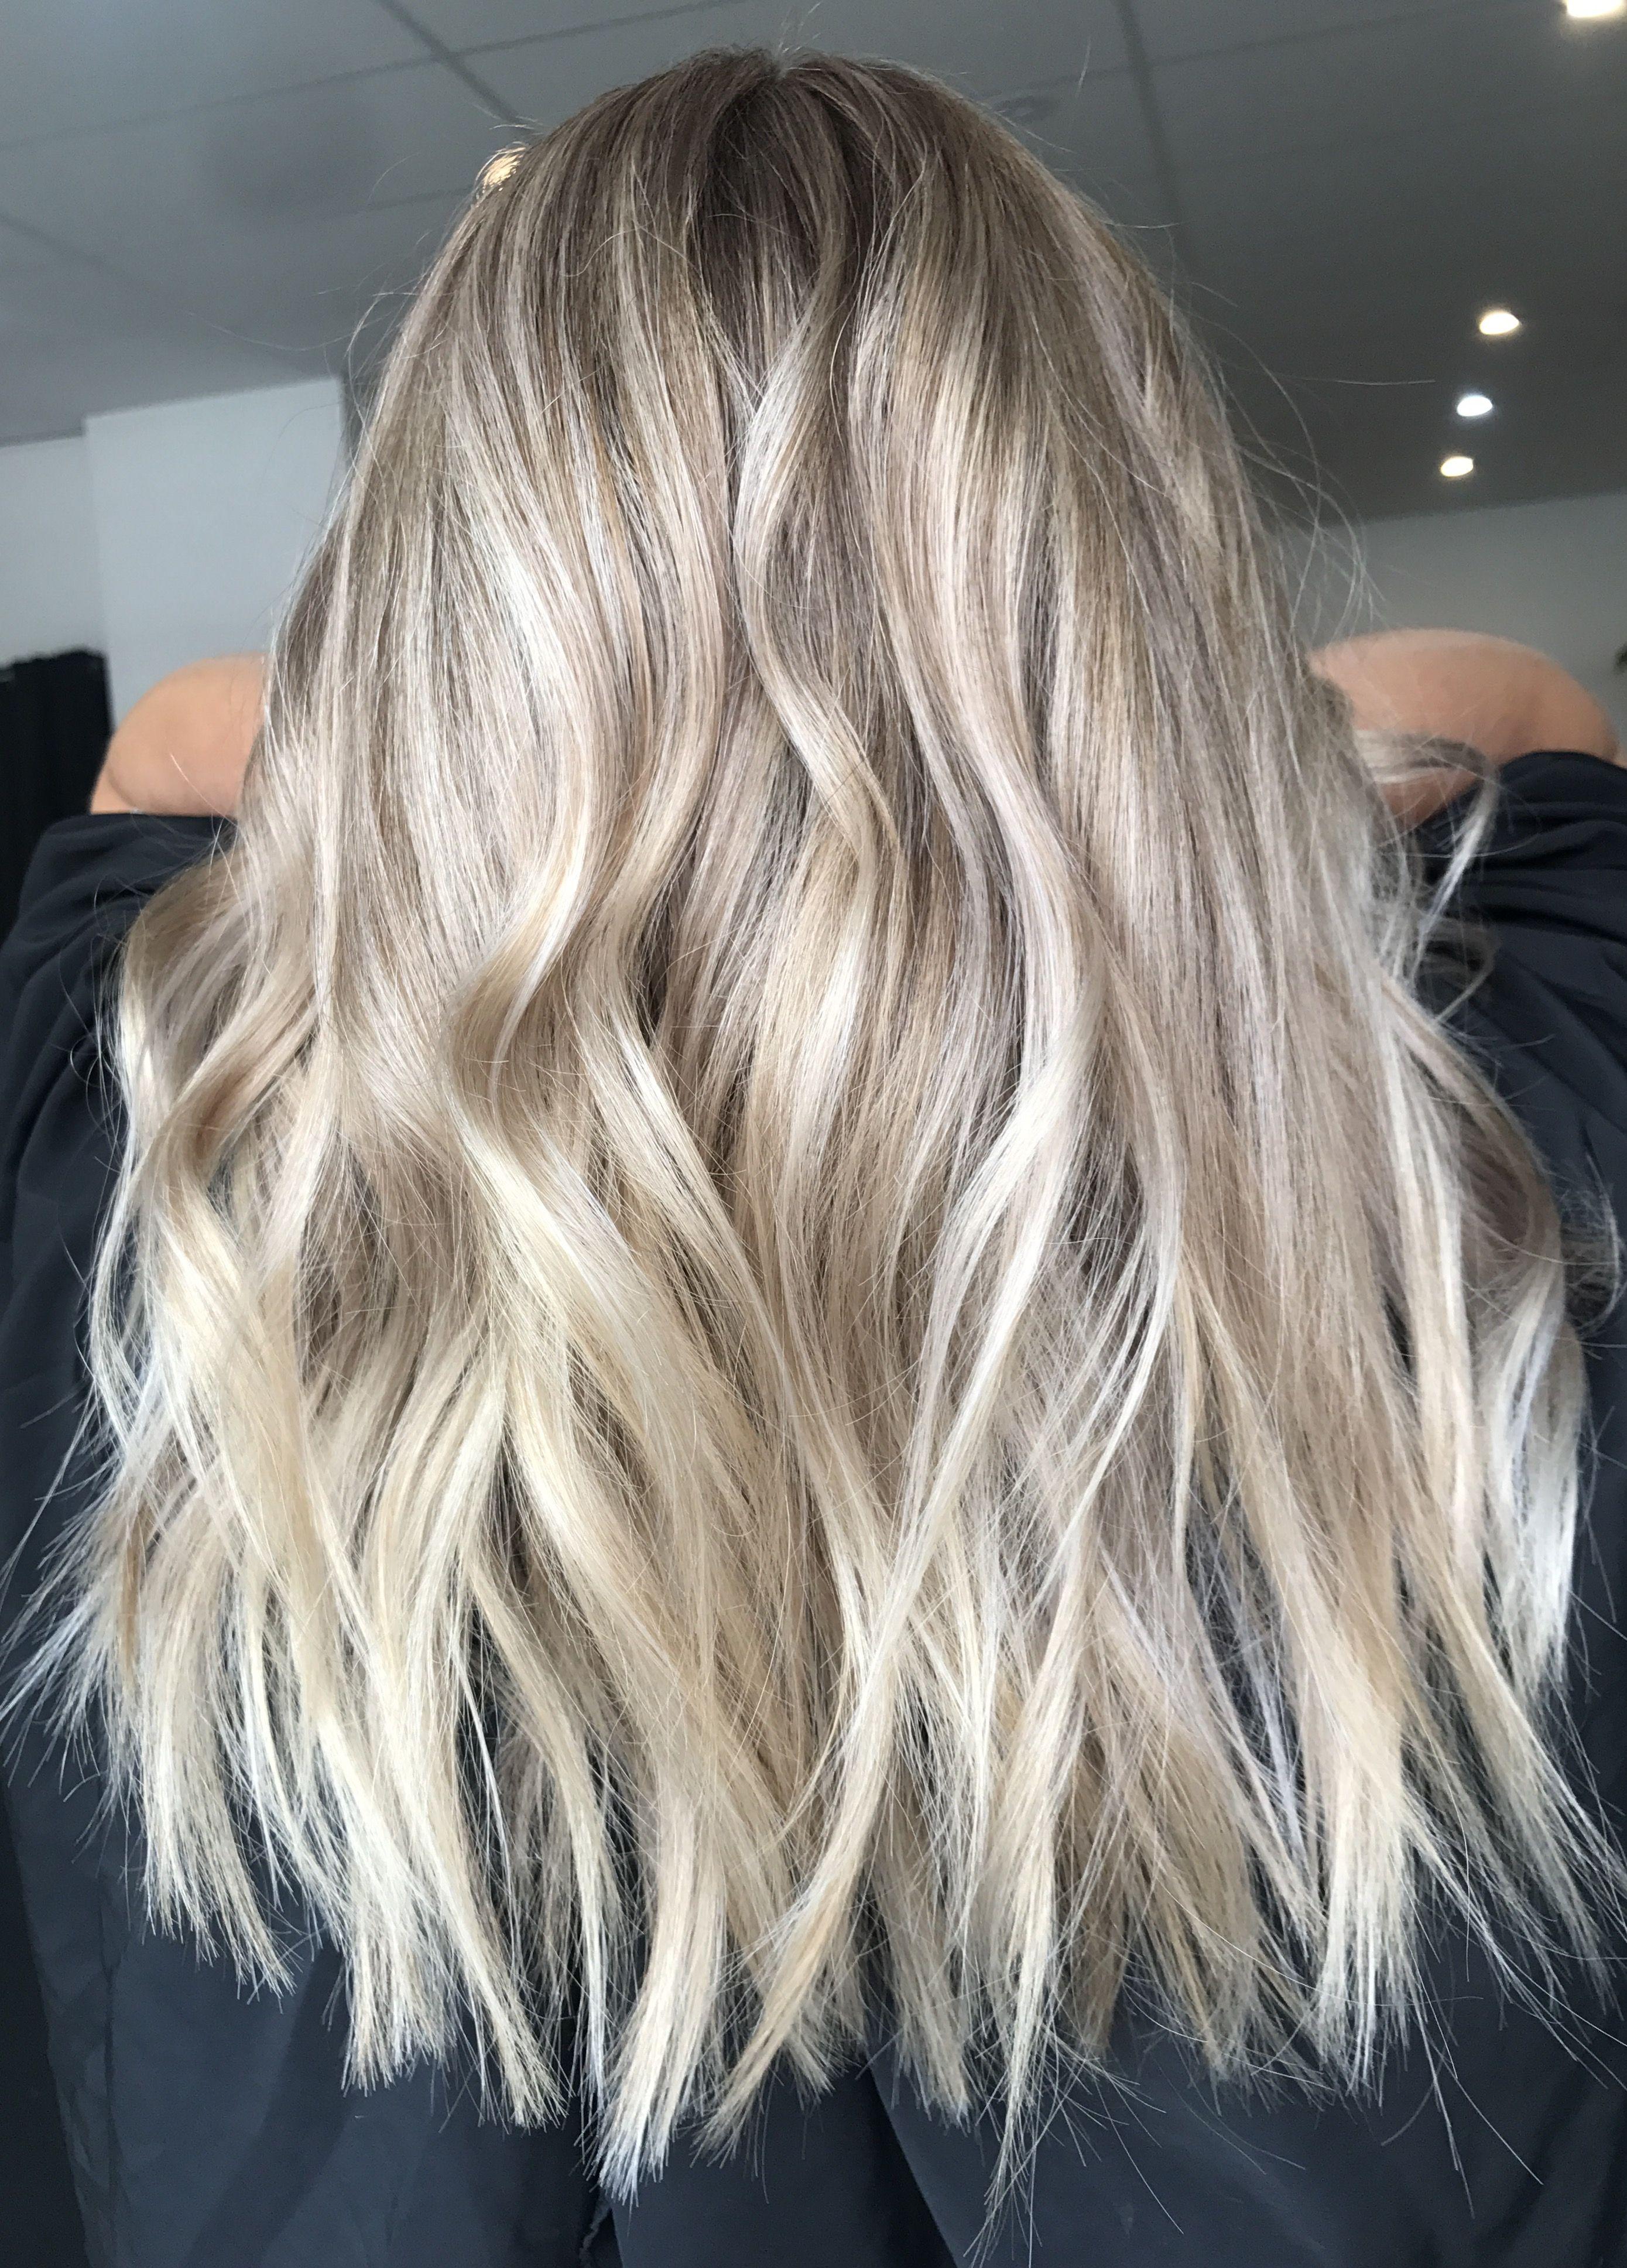 Blonde balayage, long hair, cool girl hair ️ Lived in hair ...